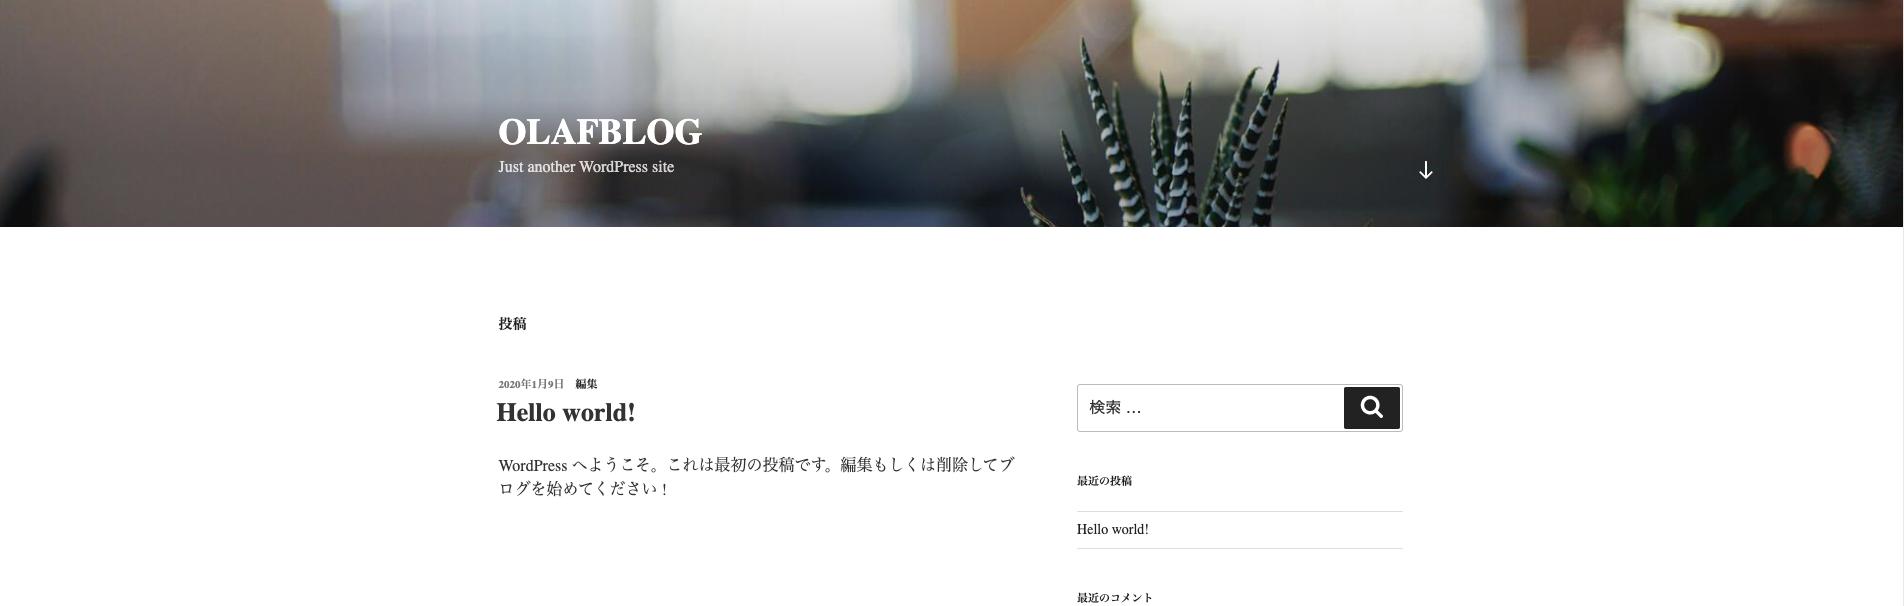 スクリーンショット 2020-01-10 13.28.56.png